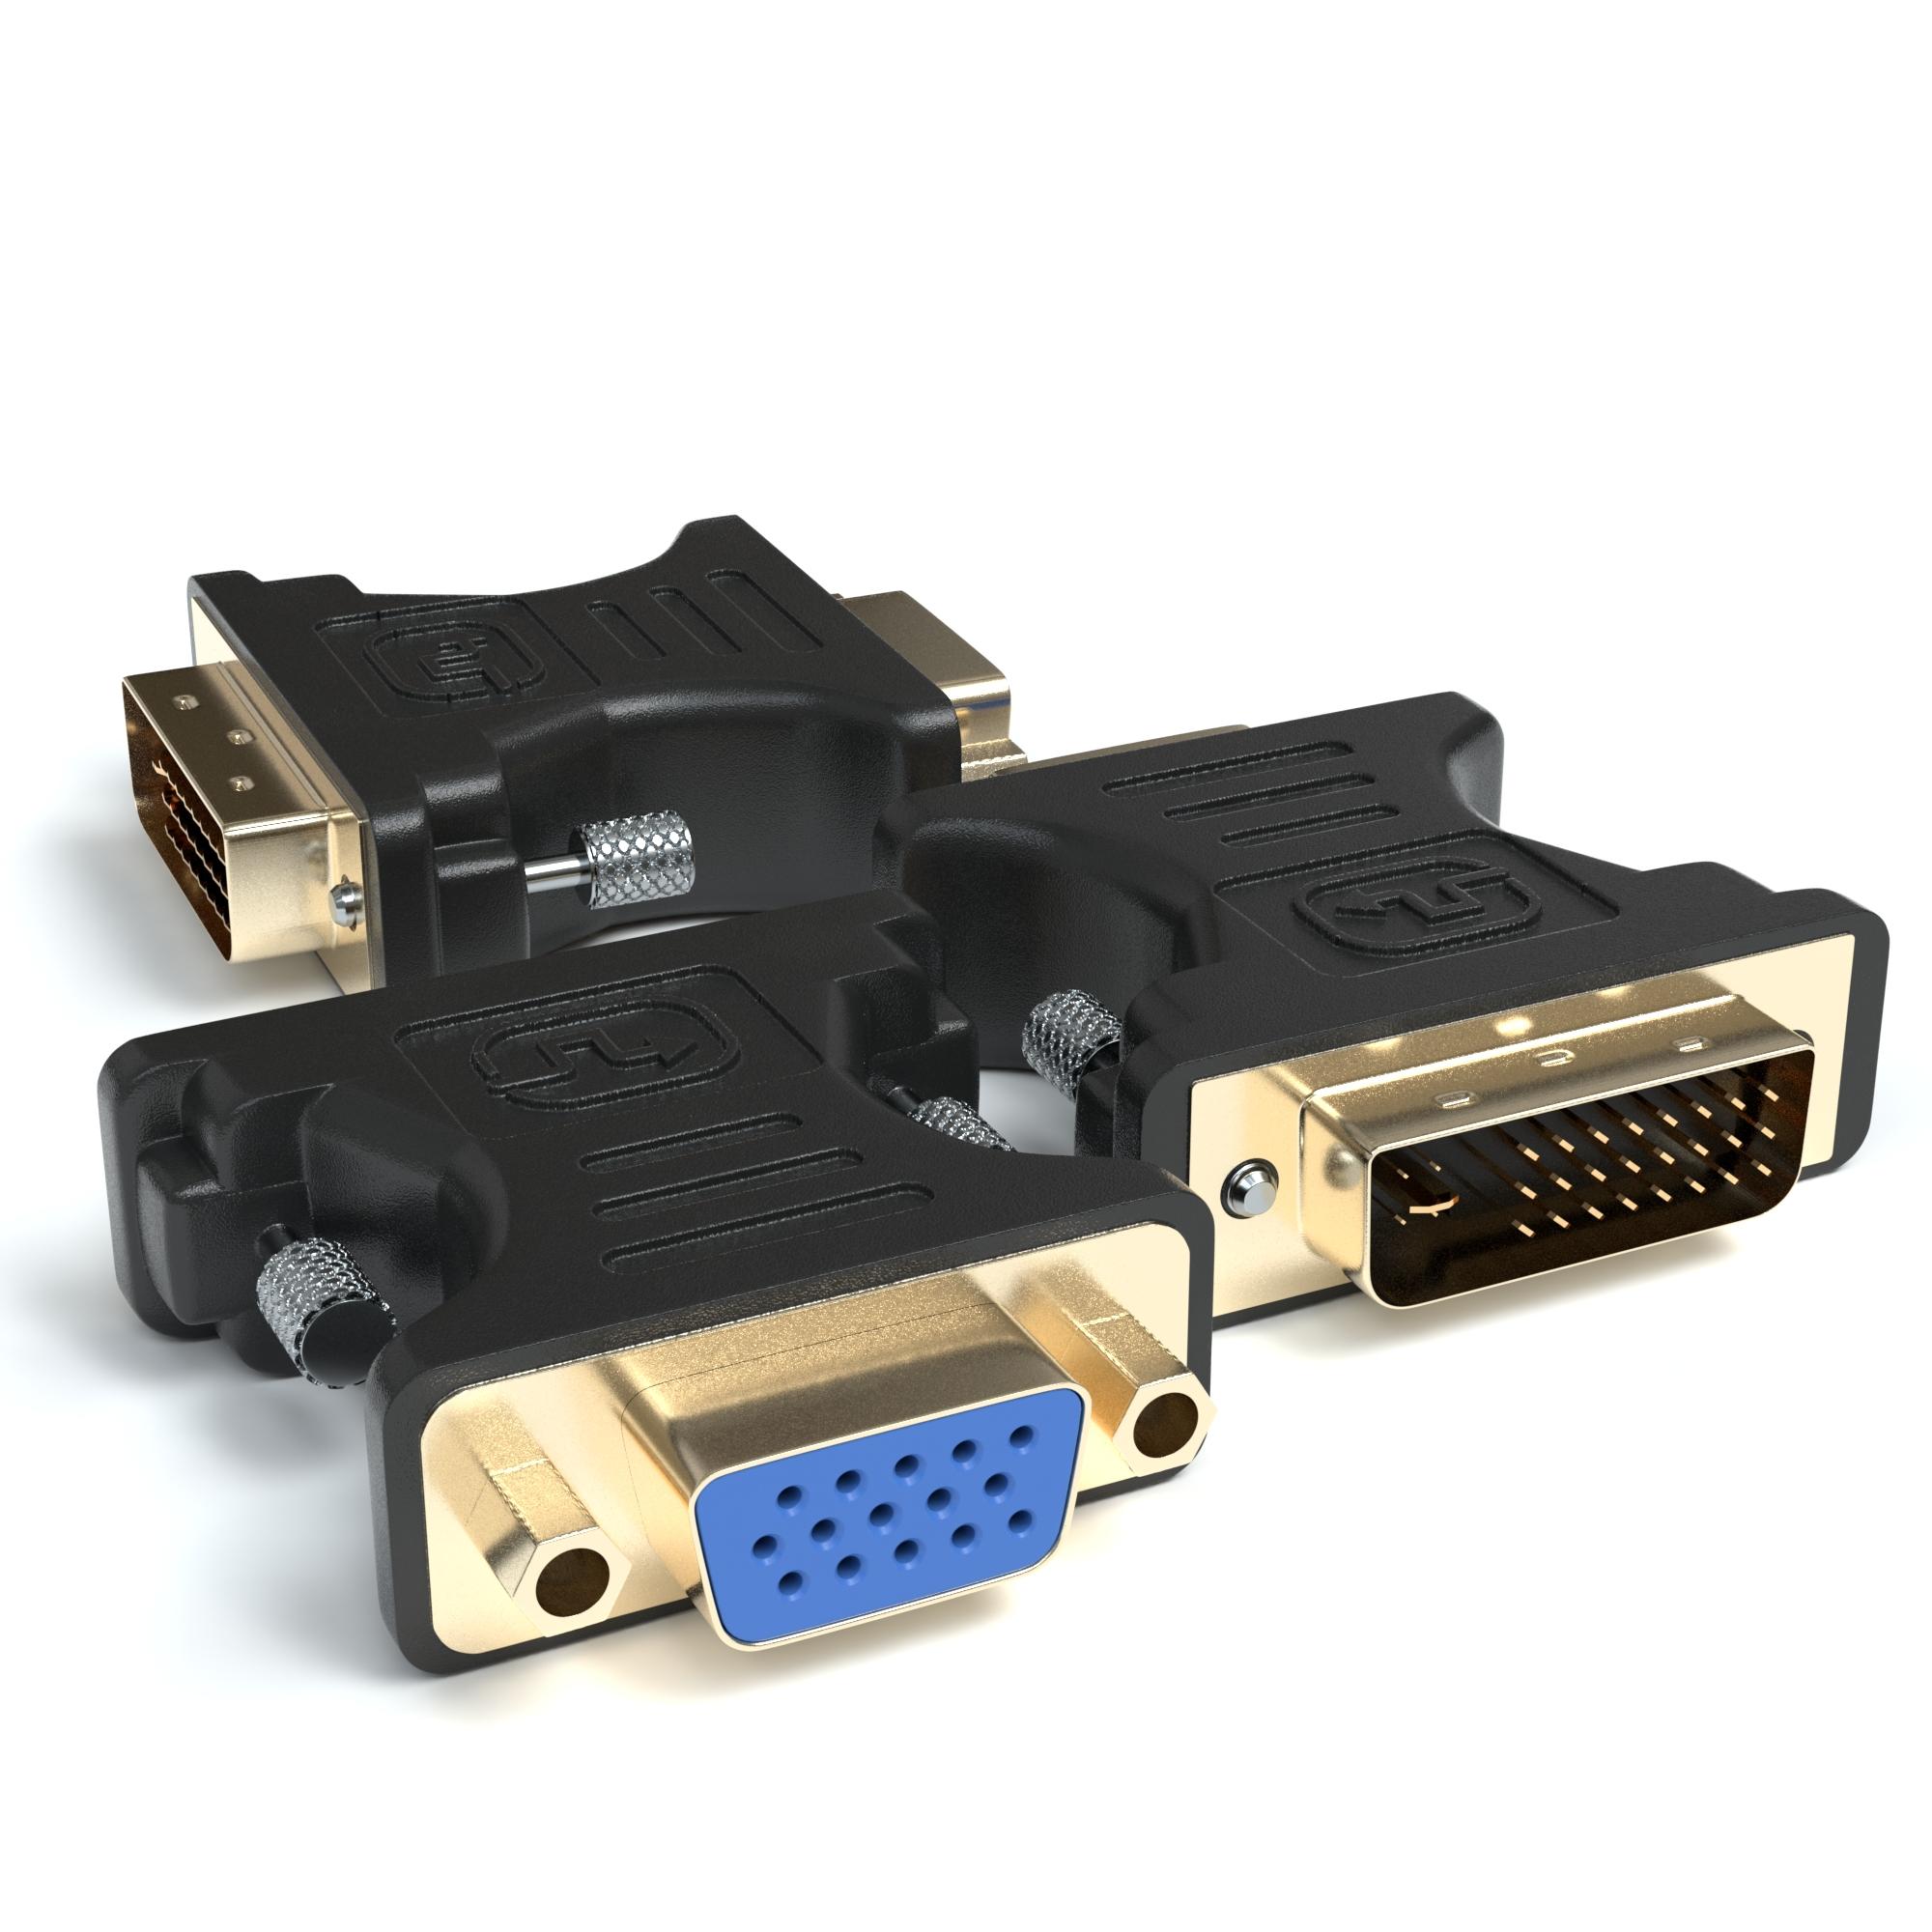 Laptop TFT Monitor Bildschirm Computer Mac zu LCD 1,8/m VGA PC-Monitor Kabel//Ersatz svga Kabel//Stecker zu Stecker 15/Pin//f/ür PC